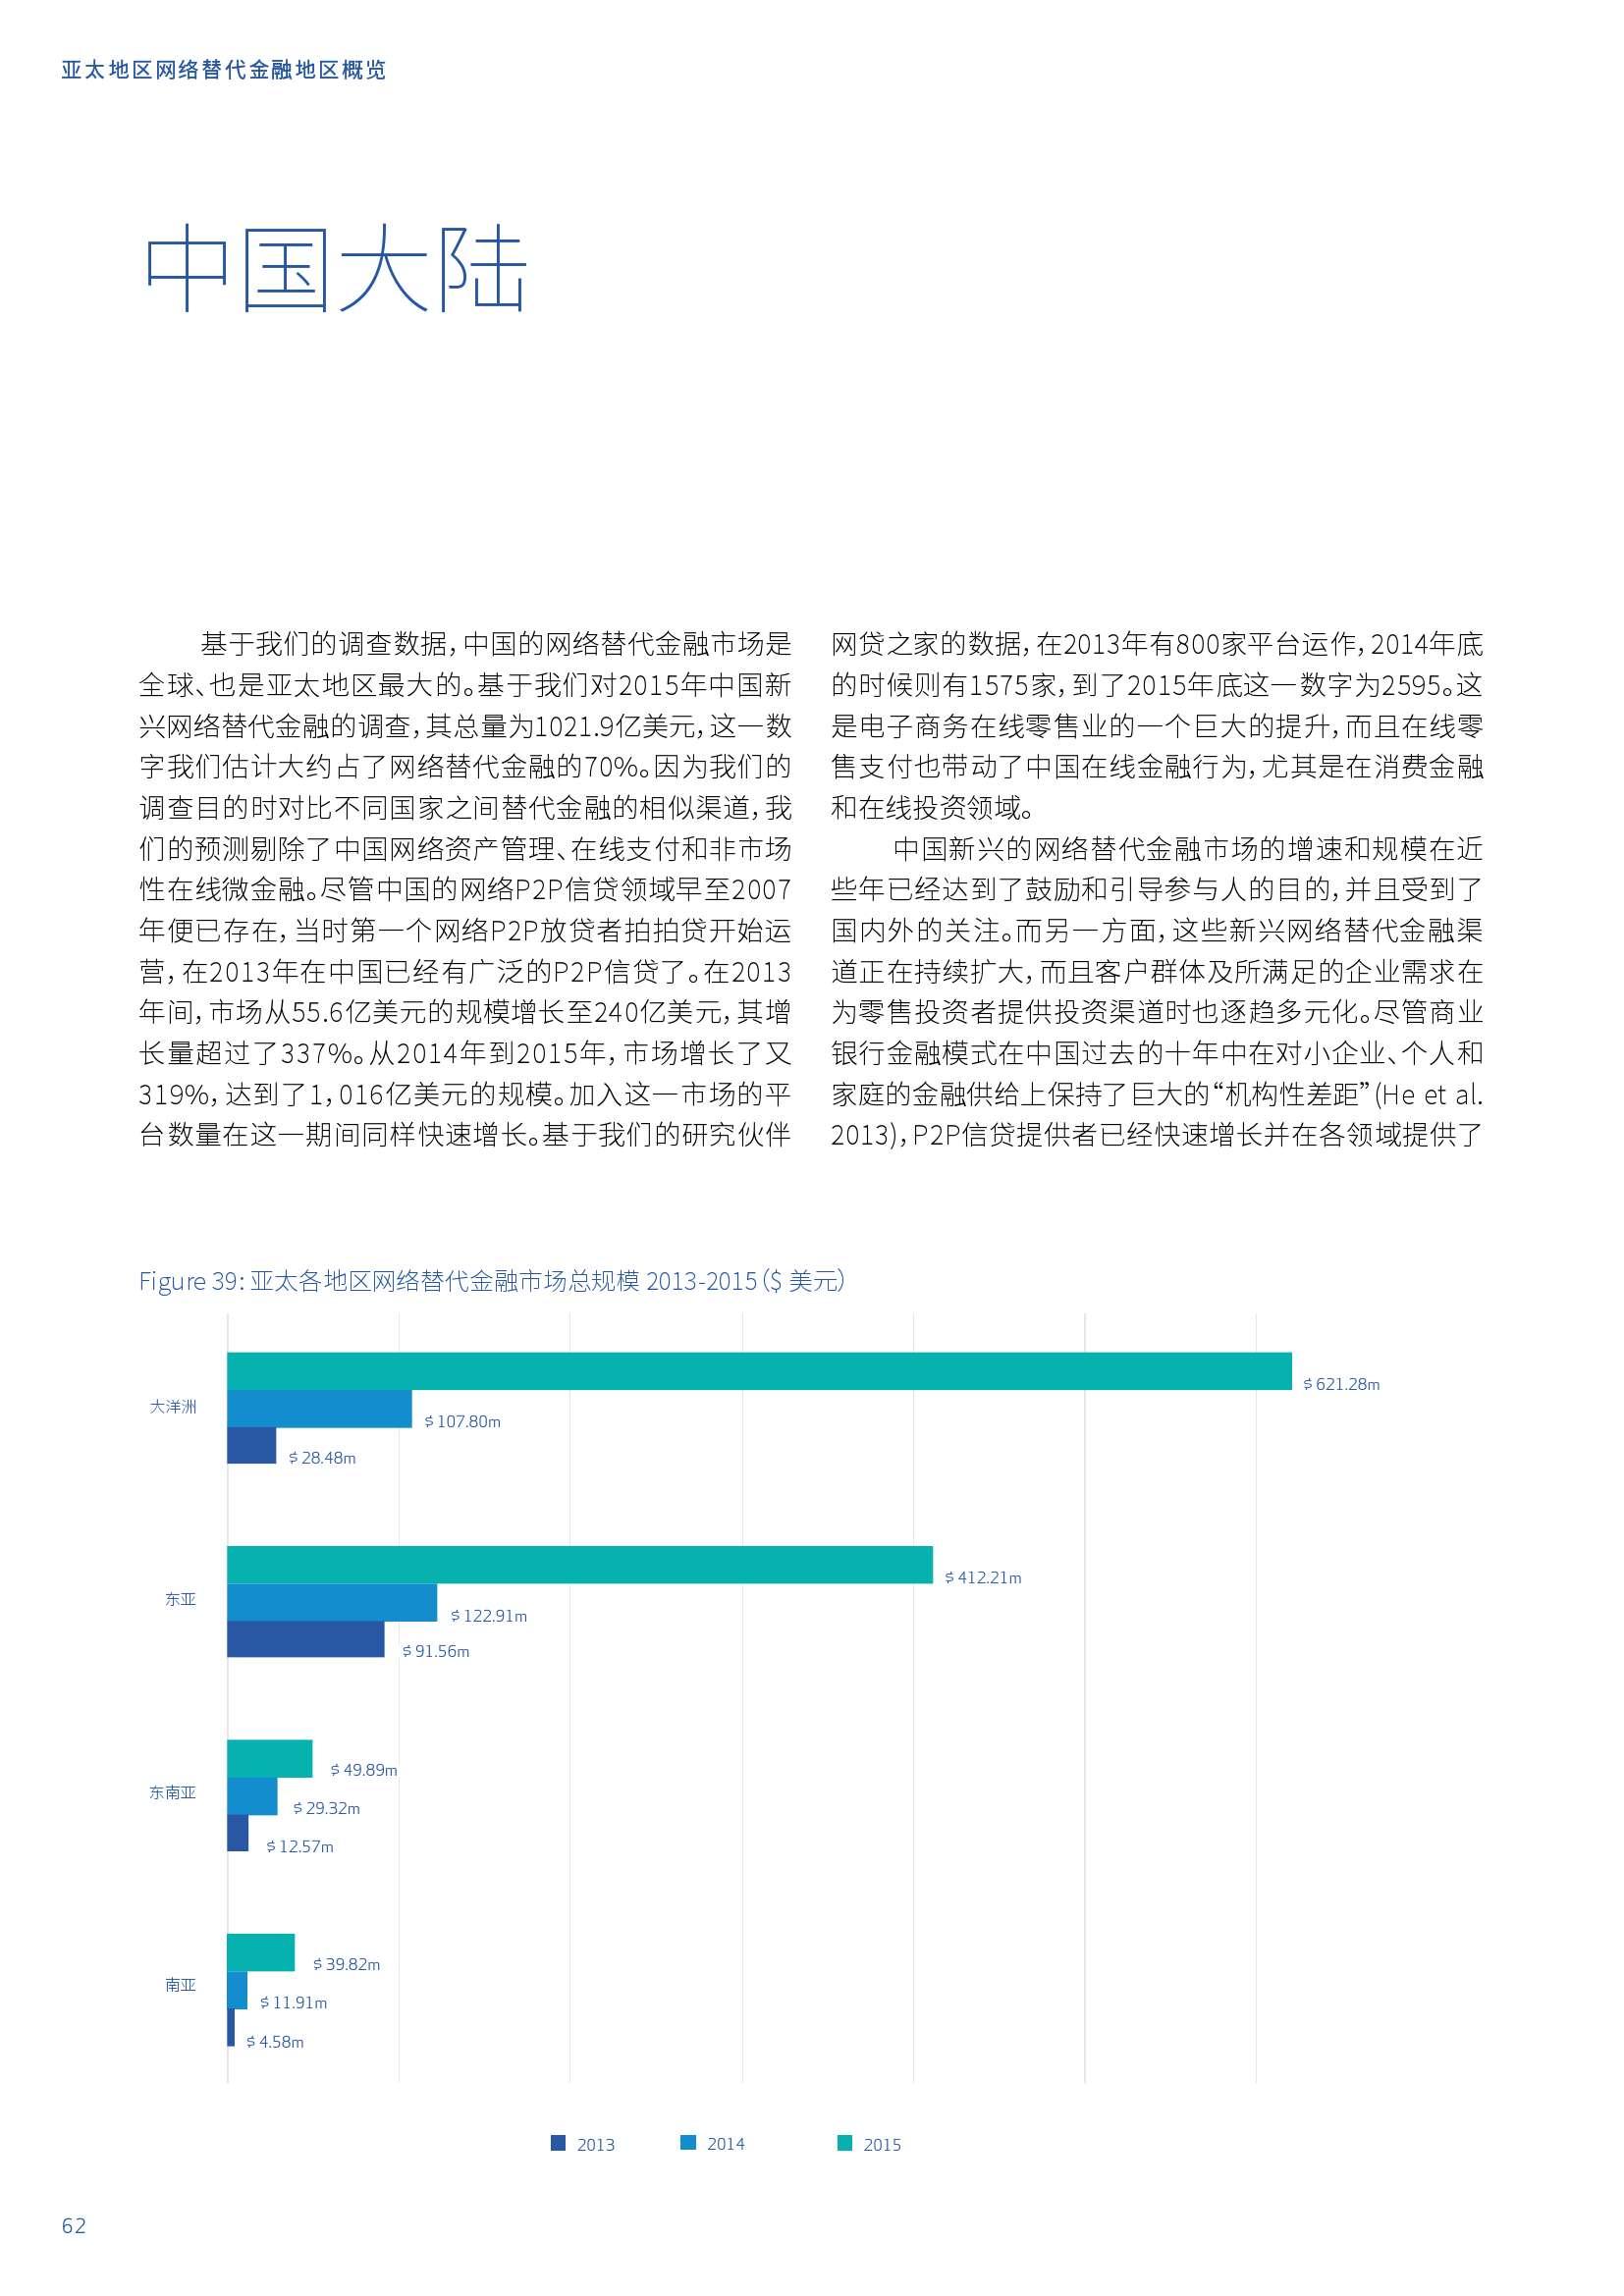 亚太地区网络替代金融基准报告_000062